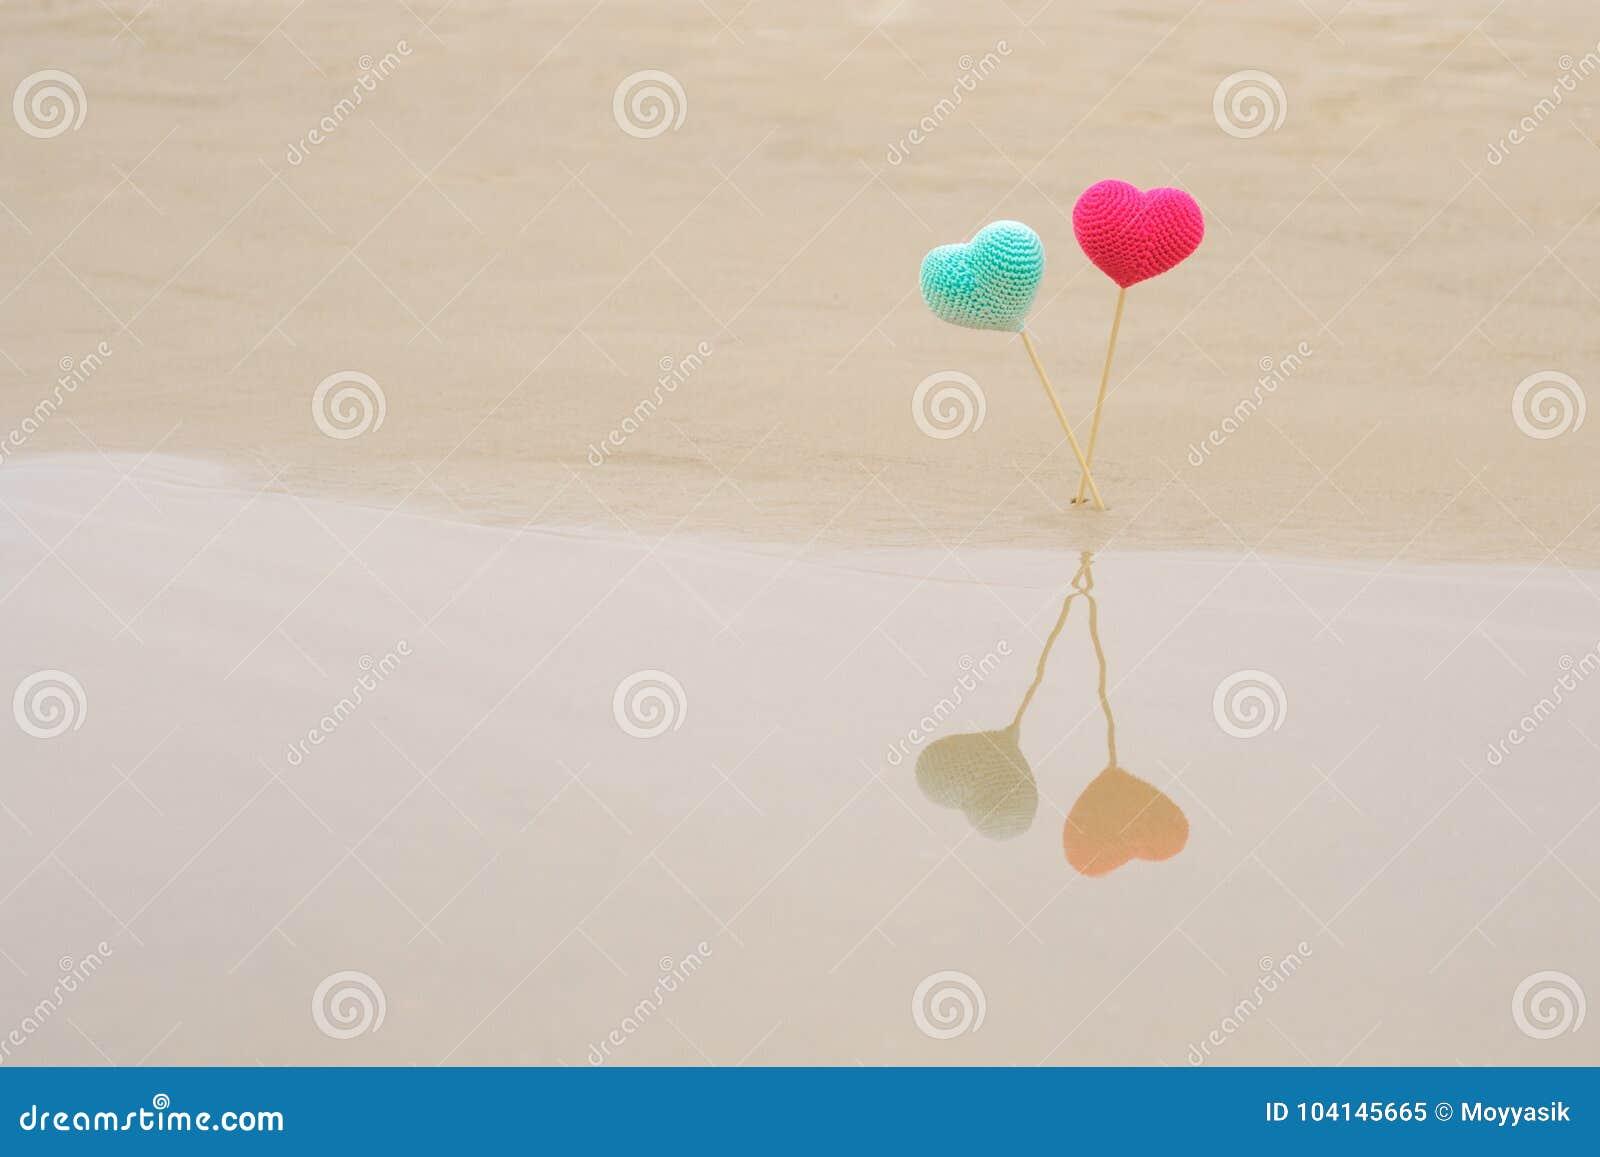 Dos hicieron a ganchillo corazones brillantes y coloridos en los palillos de madera en la playa, reflejada en agua Corazones rosa